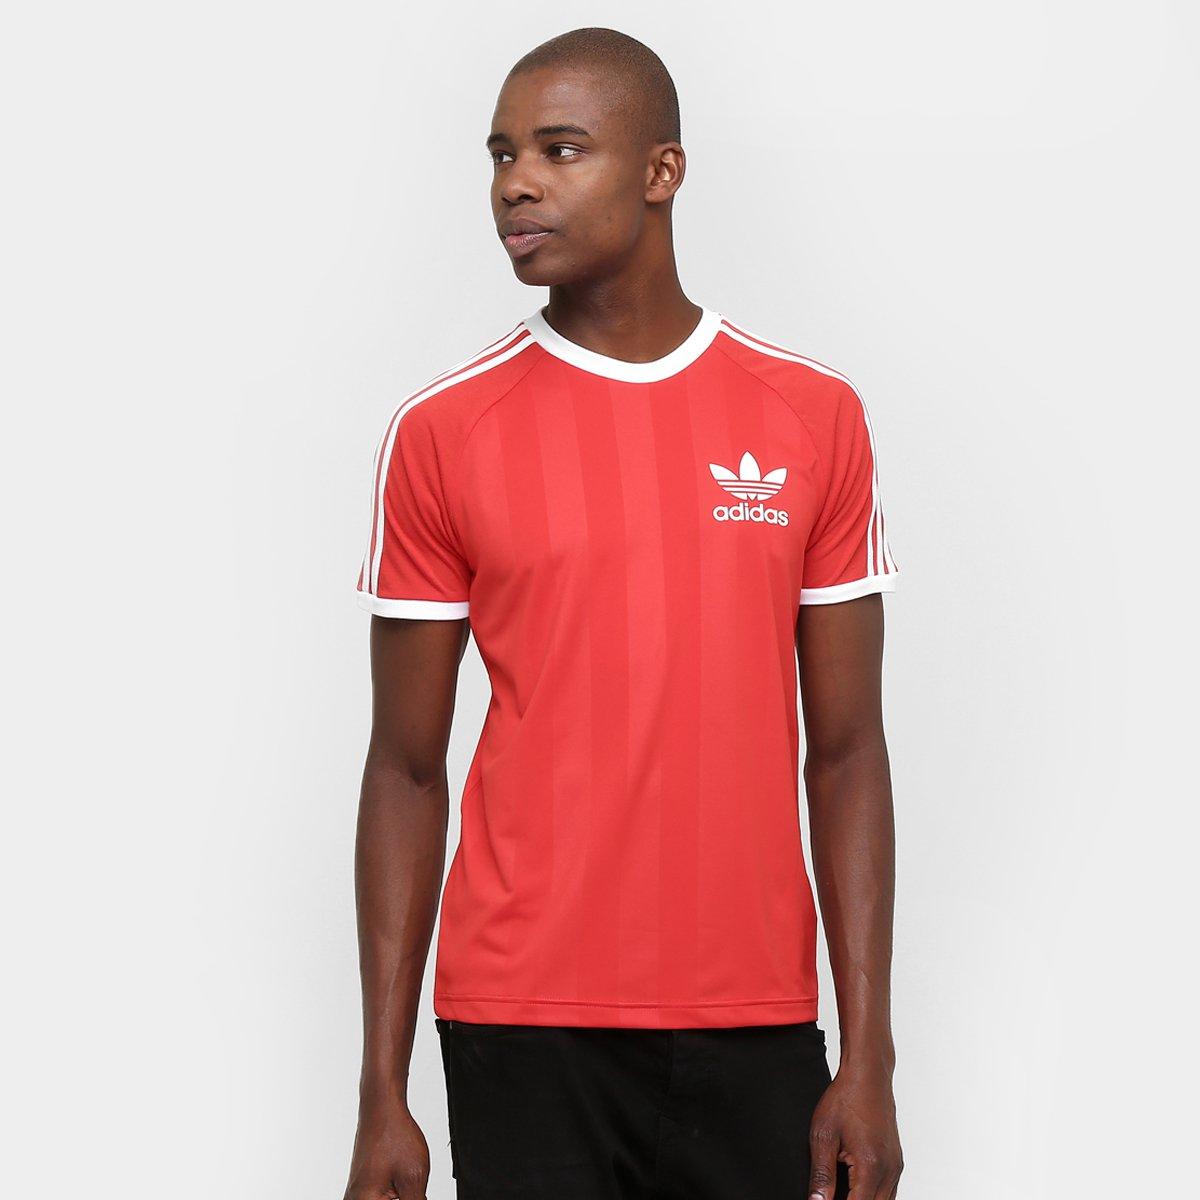 f182be750 Camiseta Adidas Originals California - Compre Agora